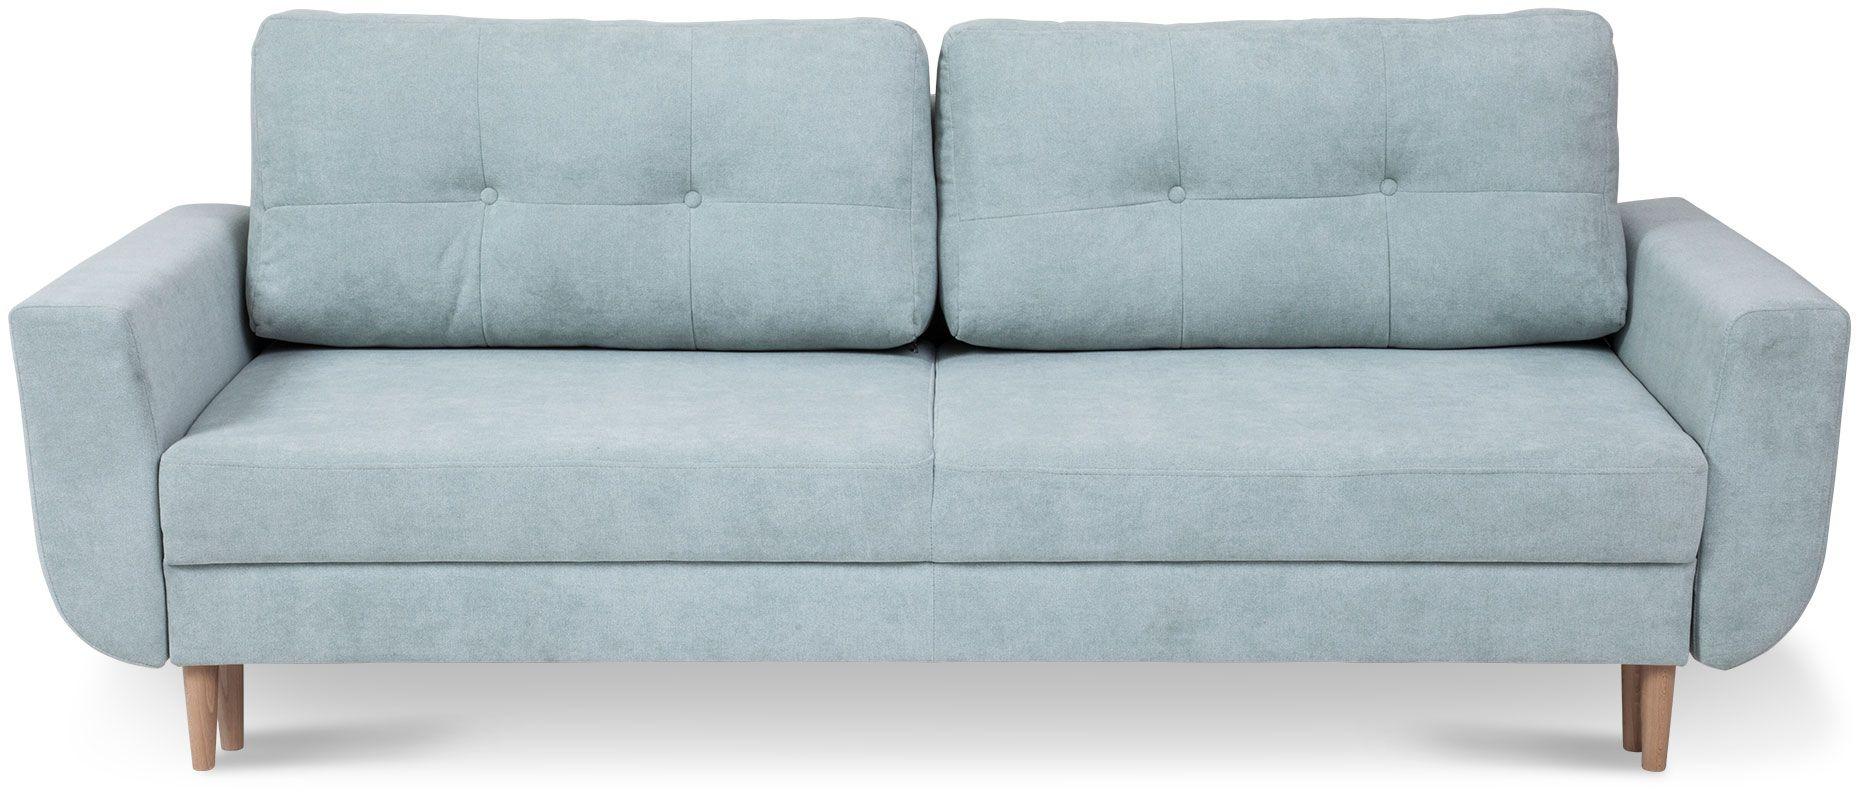 kanapa arona 4